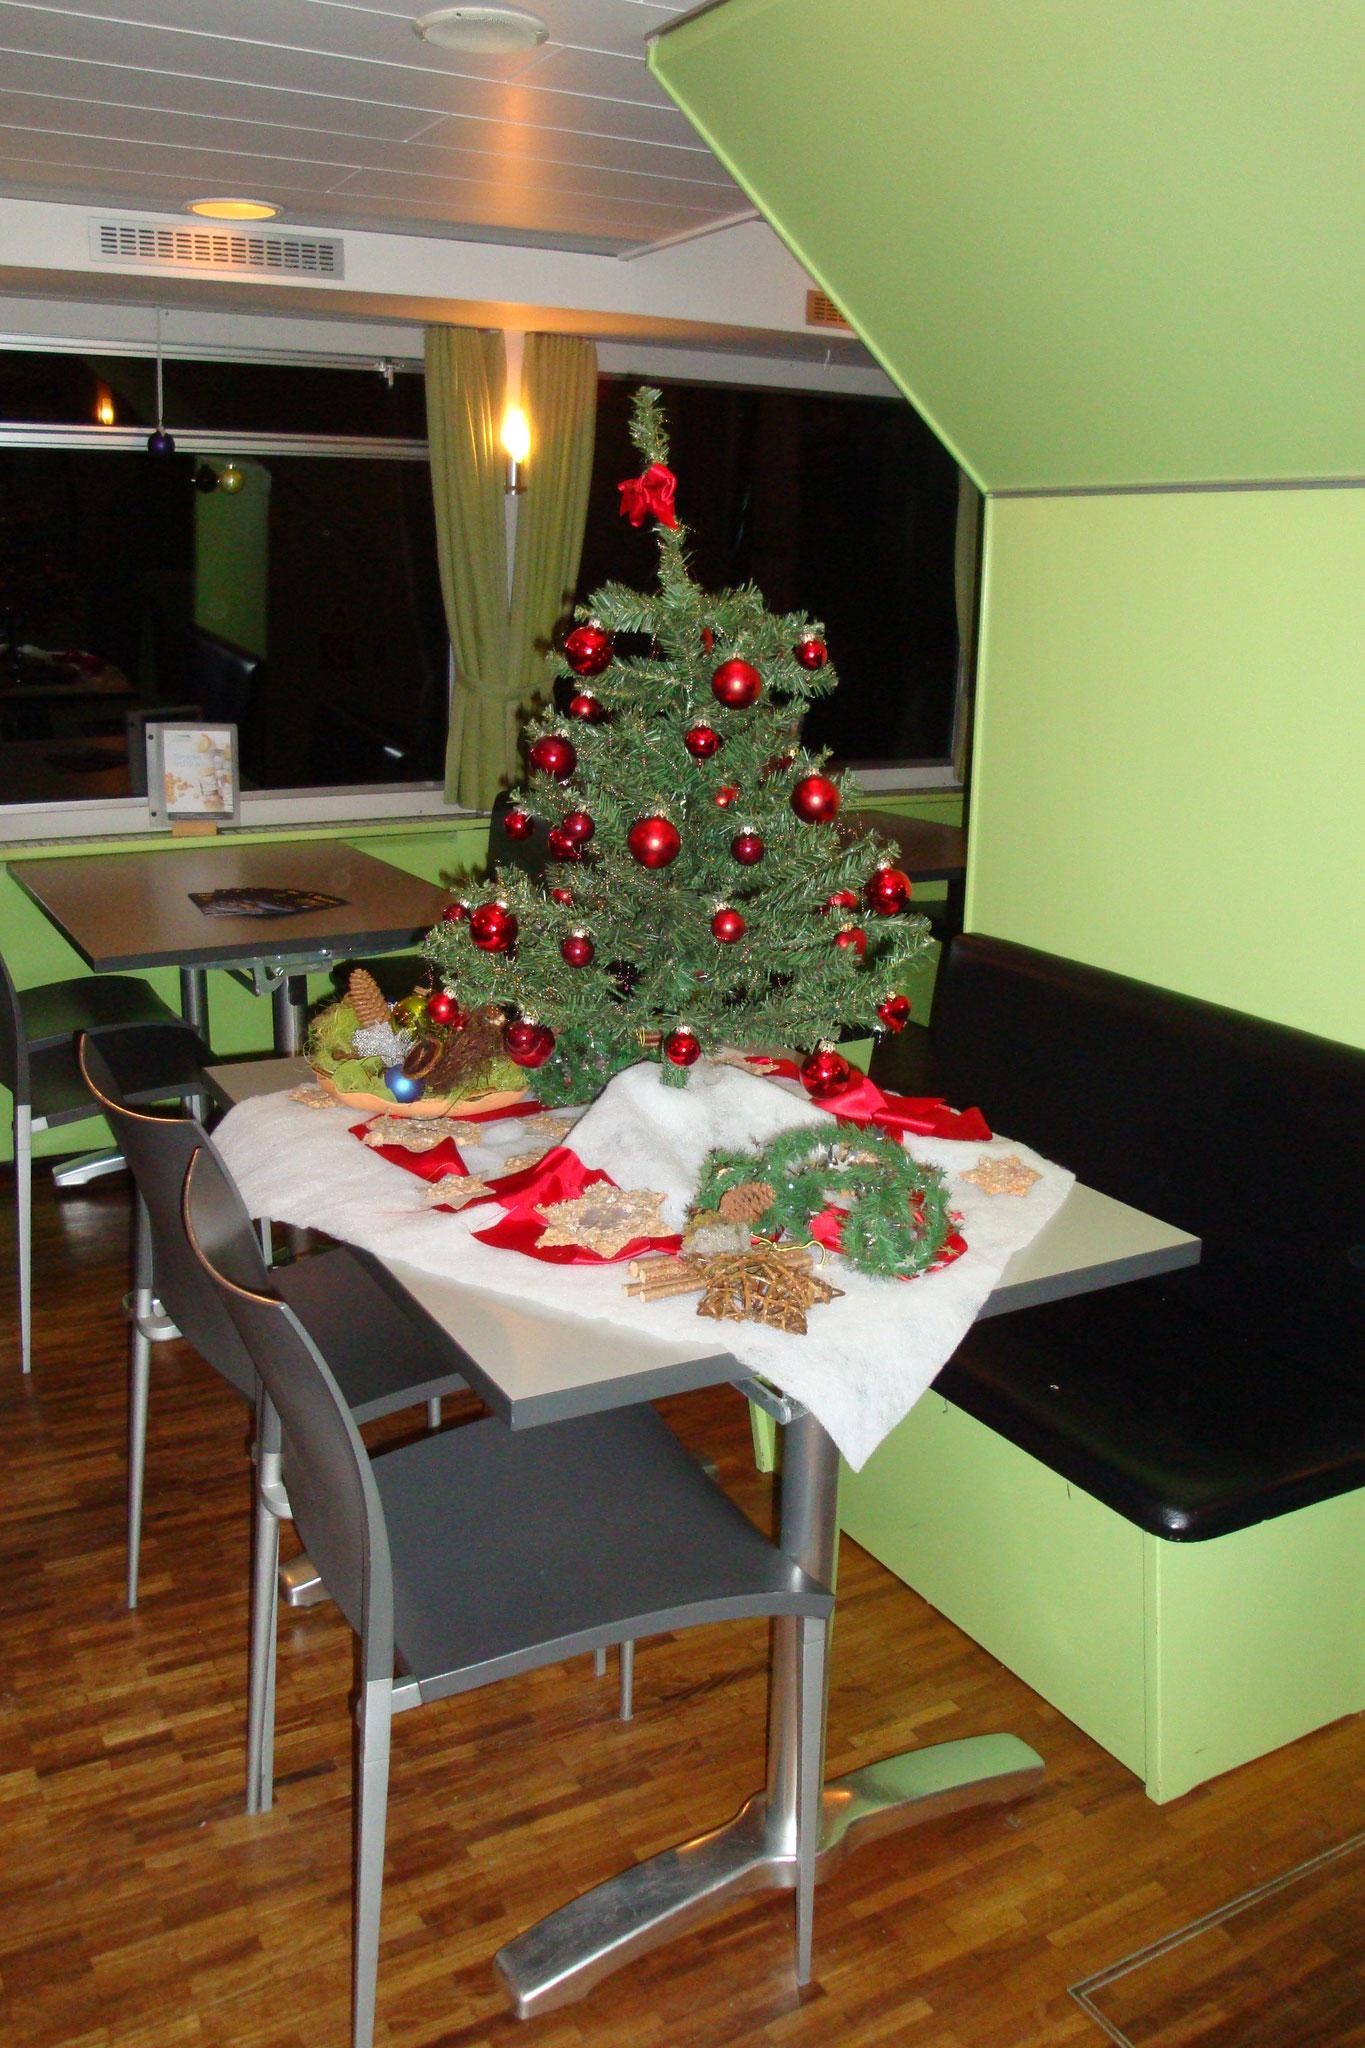 Der Weihnachtsbaum sorgt für weihnachtliche Stimmung.